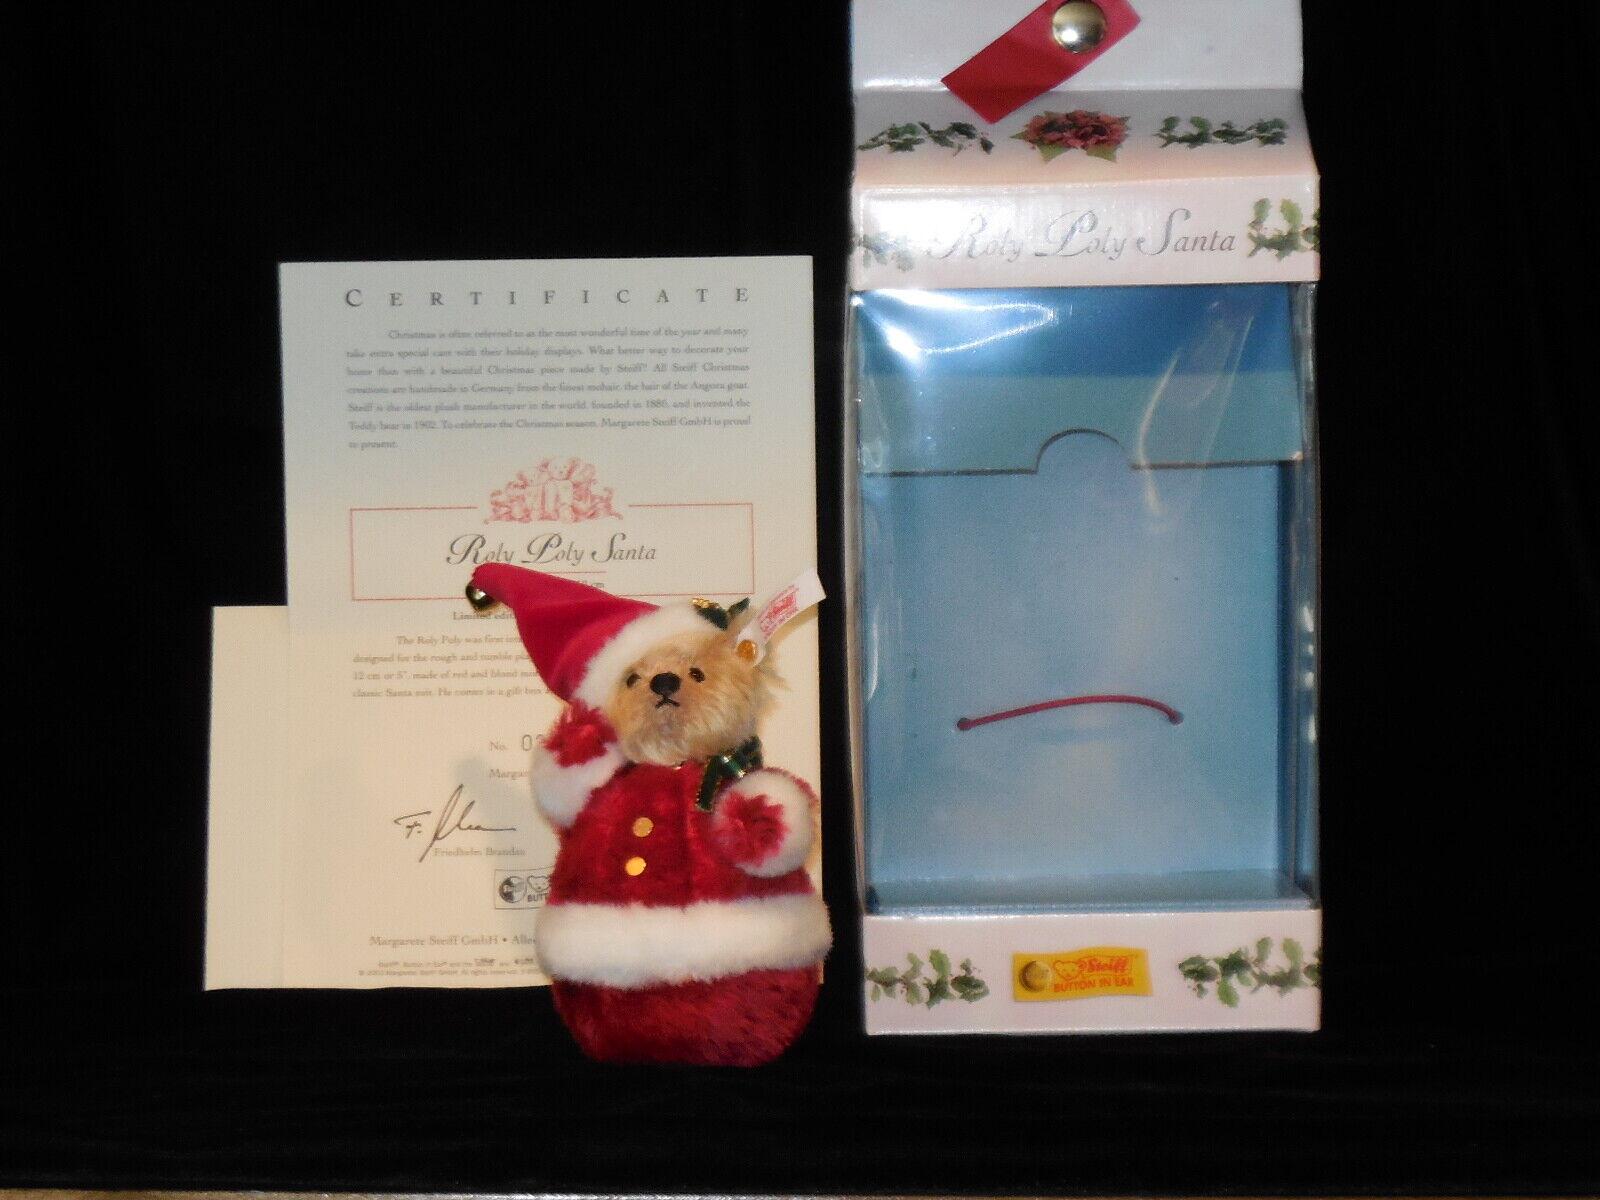 Steiff Roly Poly Santa EAN 037894 LE 2975/5000 USA - $45.00